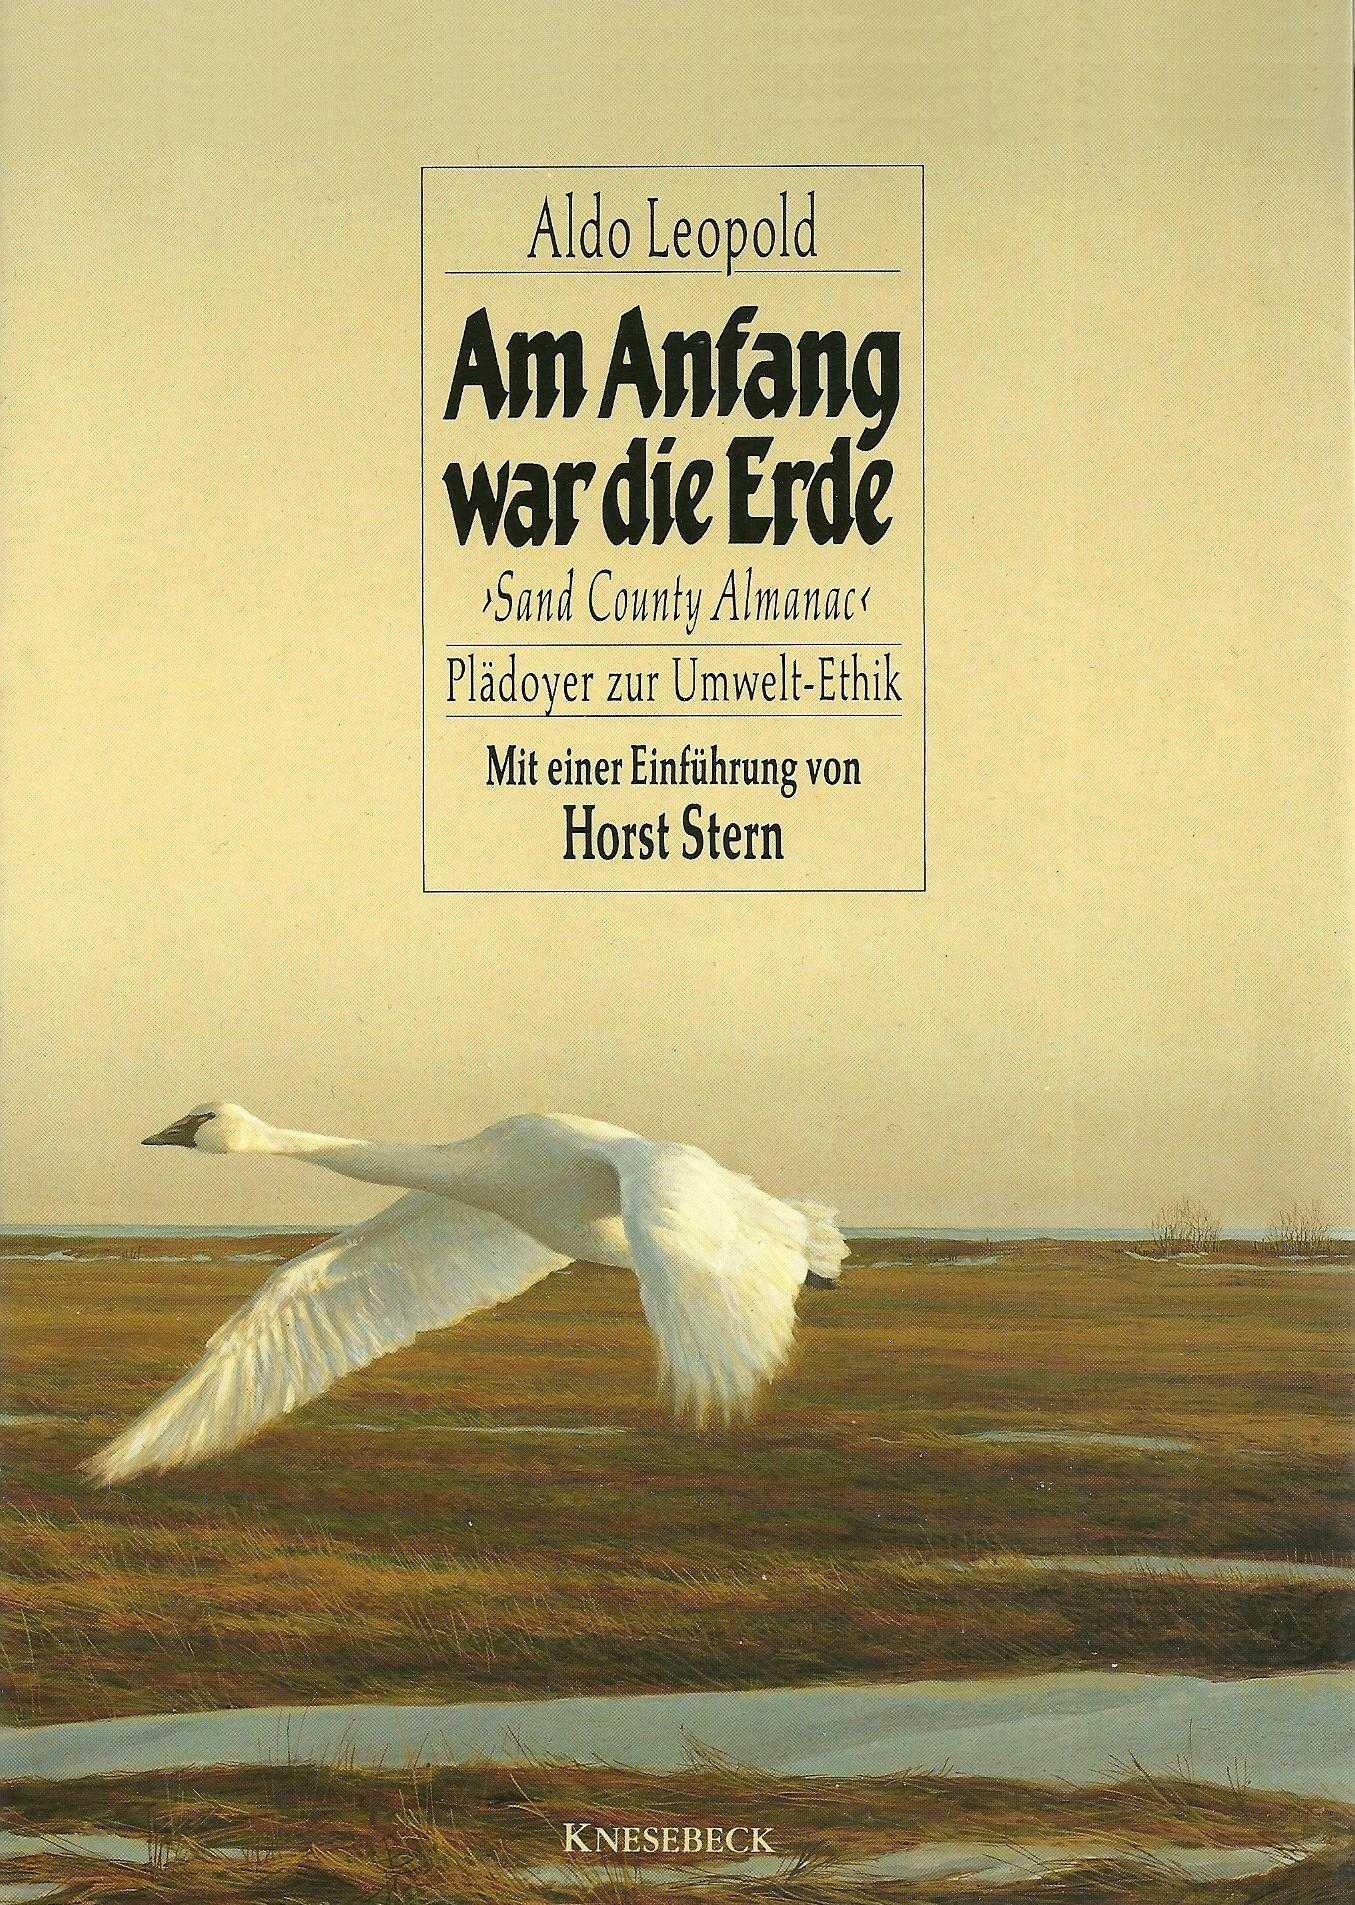 Am Anfang war die Erde. Sand Country Almanac. Plädoyer zur Umwelt- Ethik